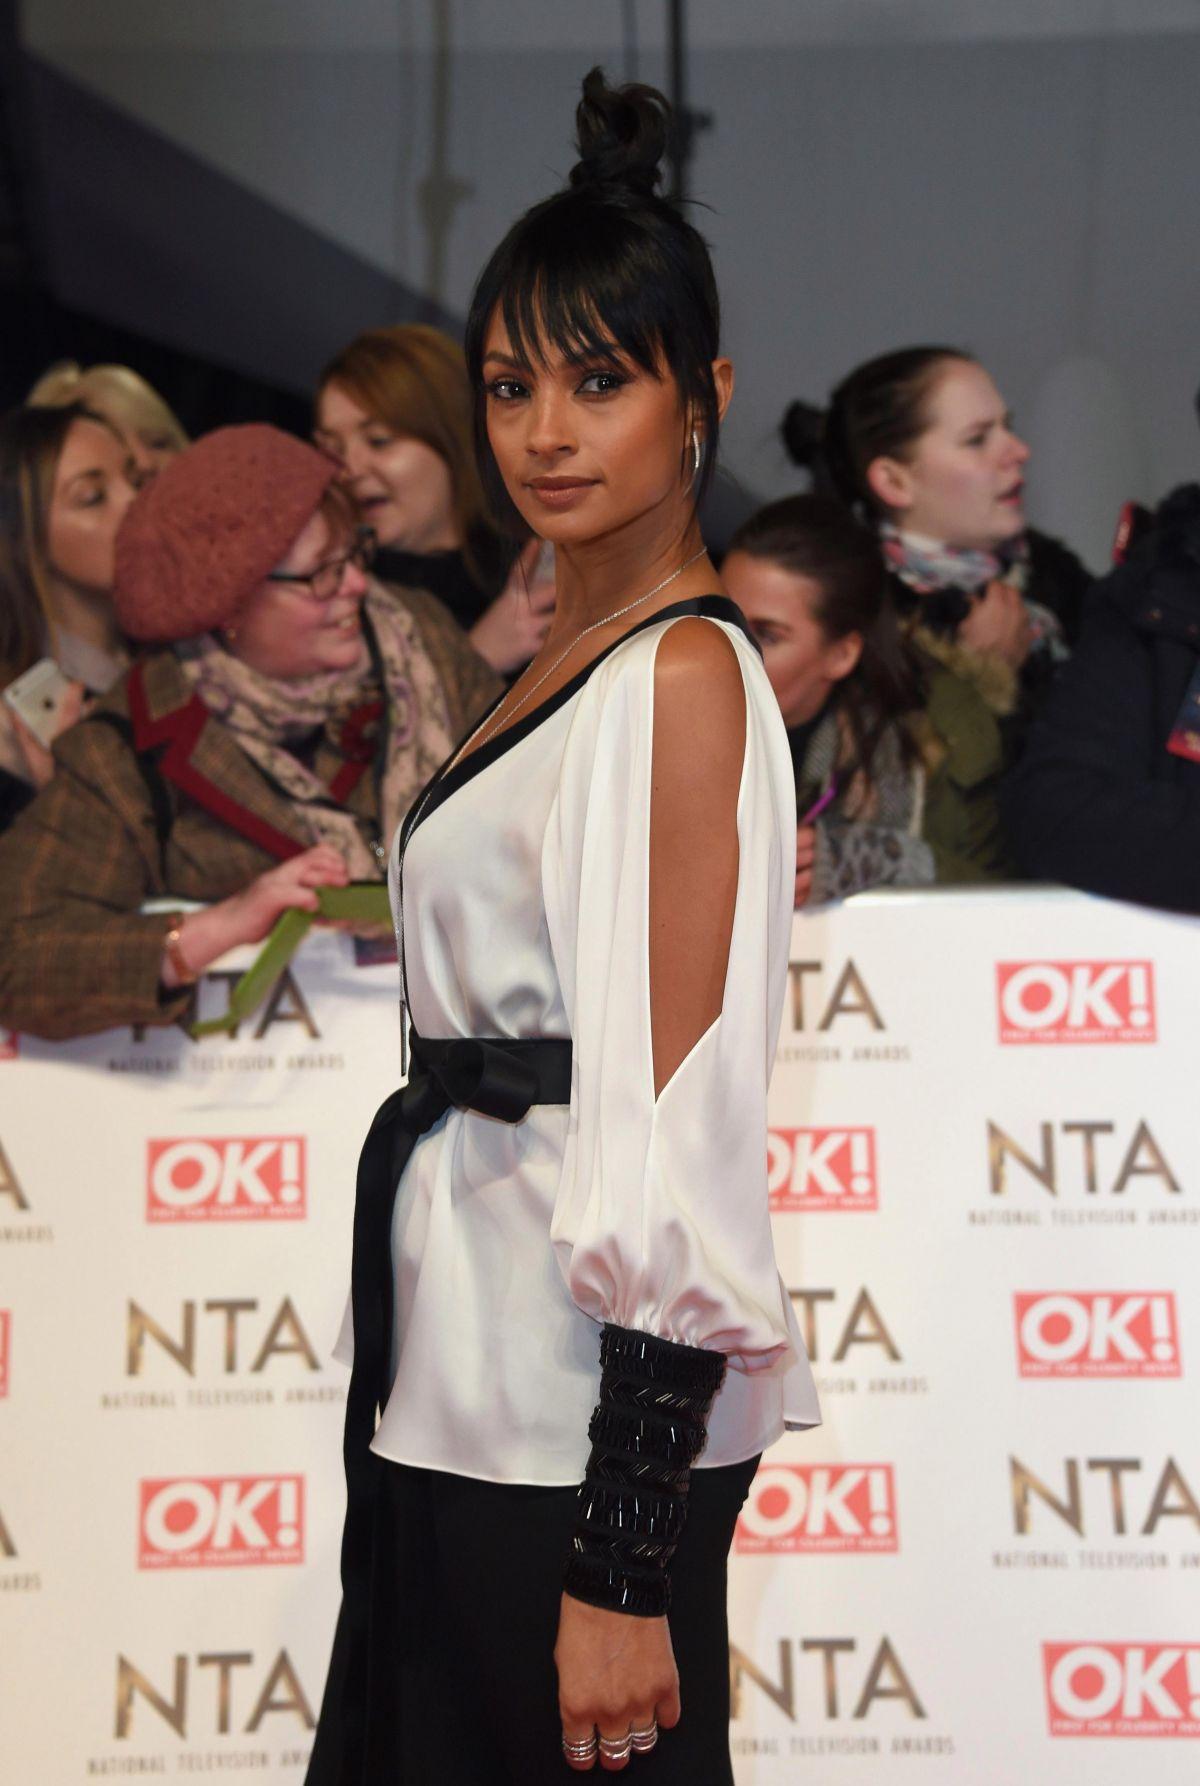 ALESHA DIXON at National Television Awards in London 01/25/2017